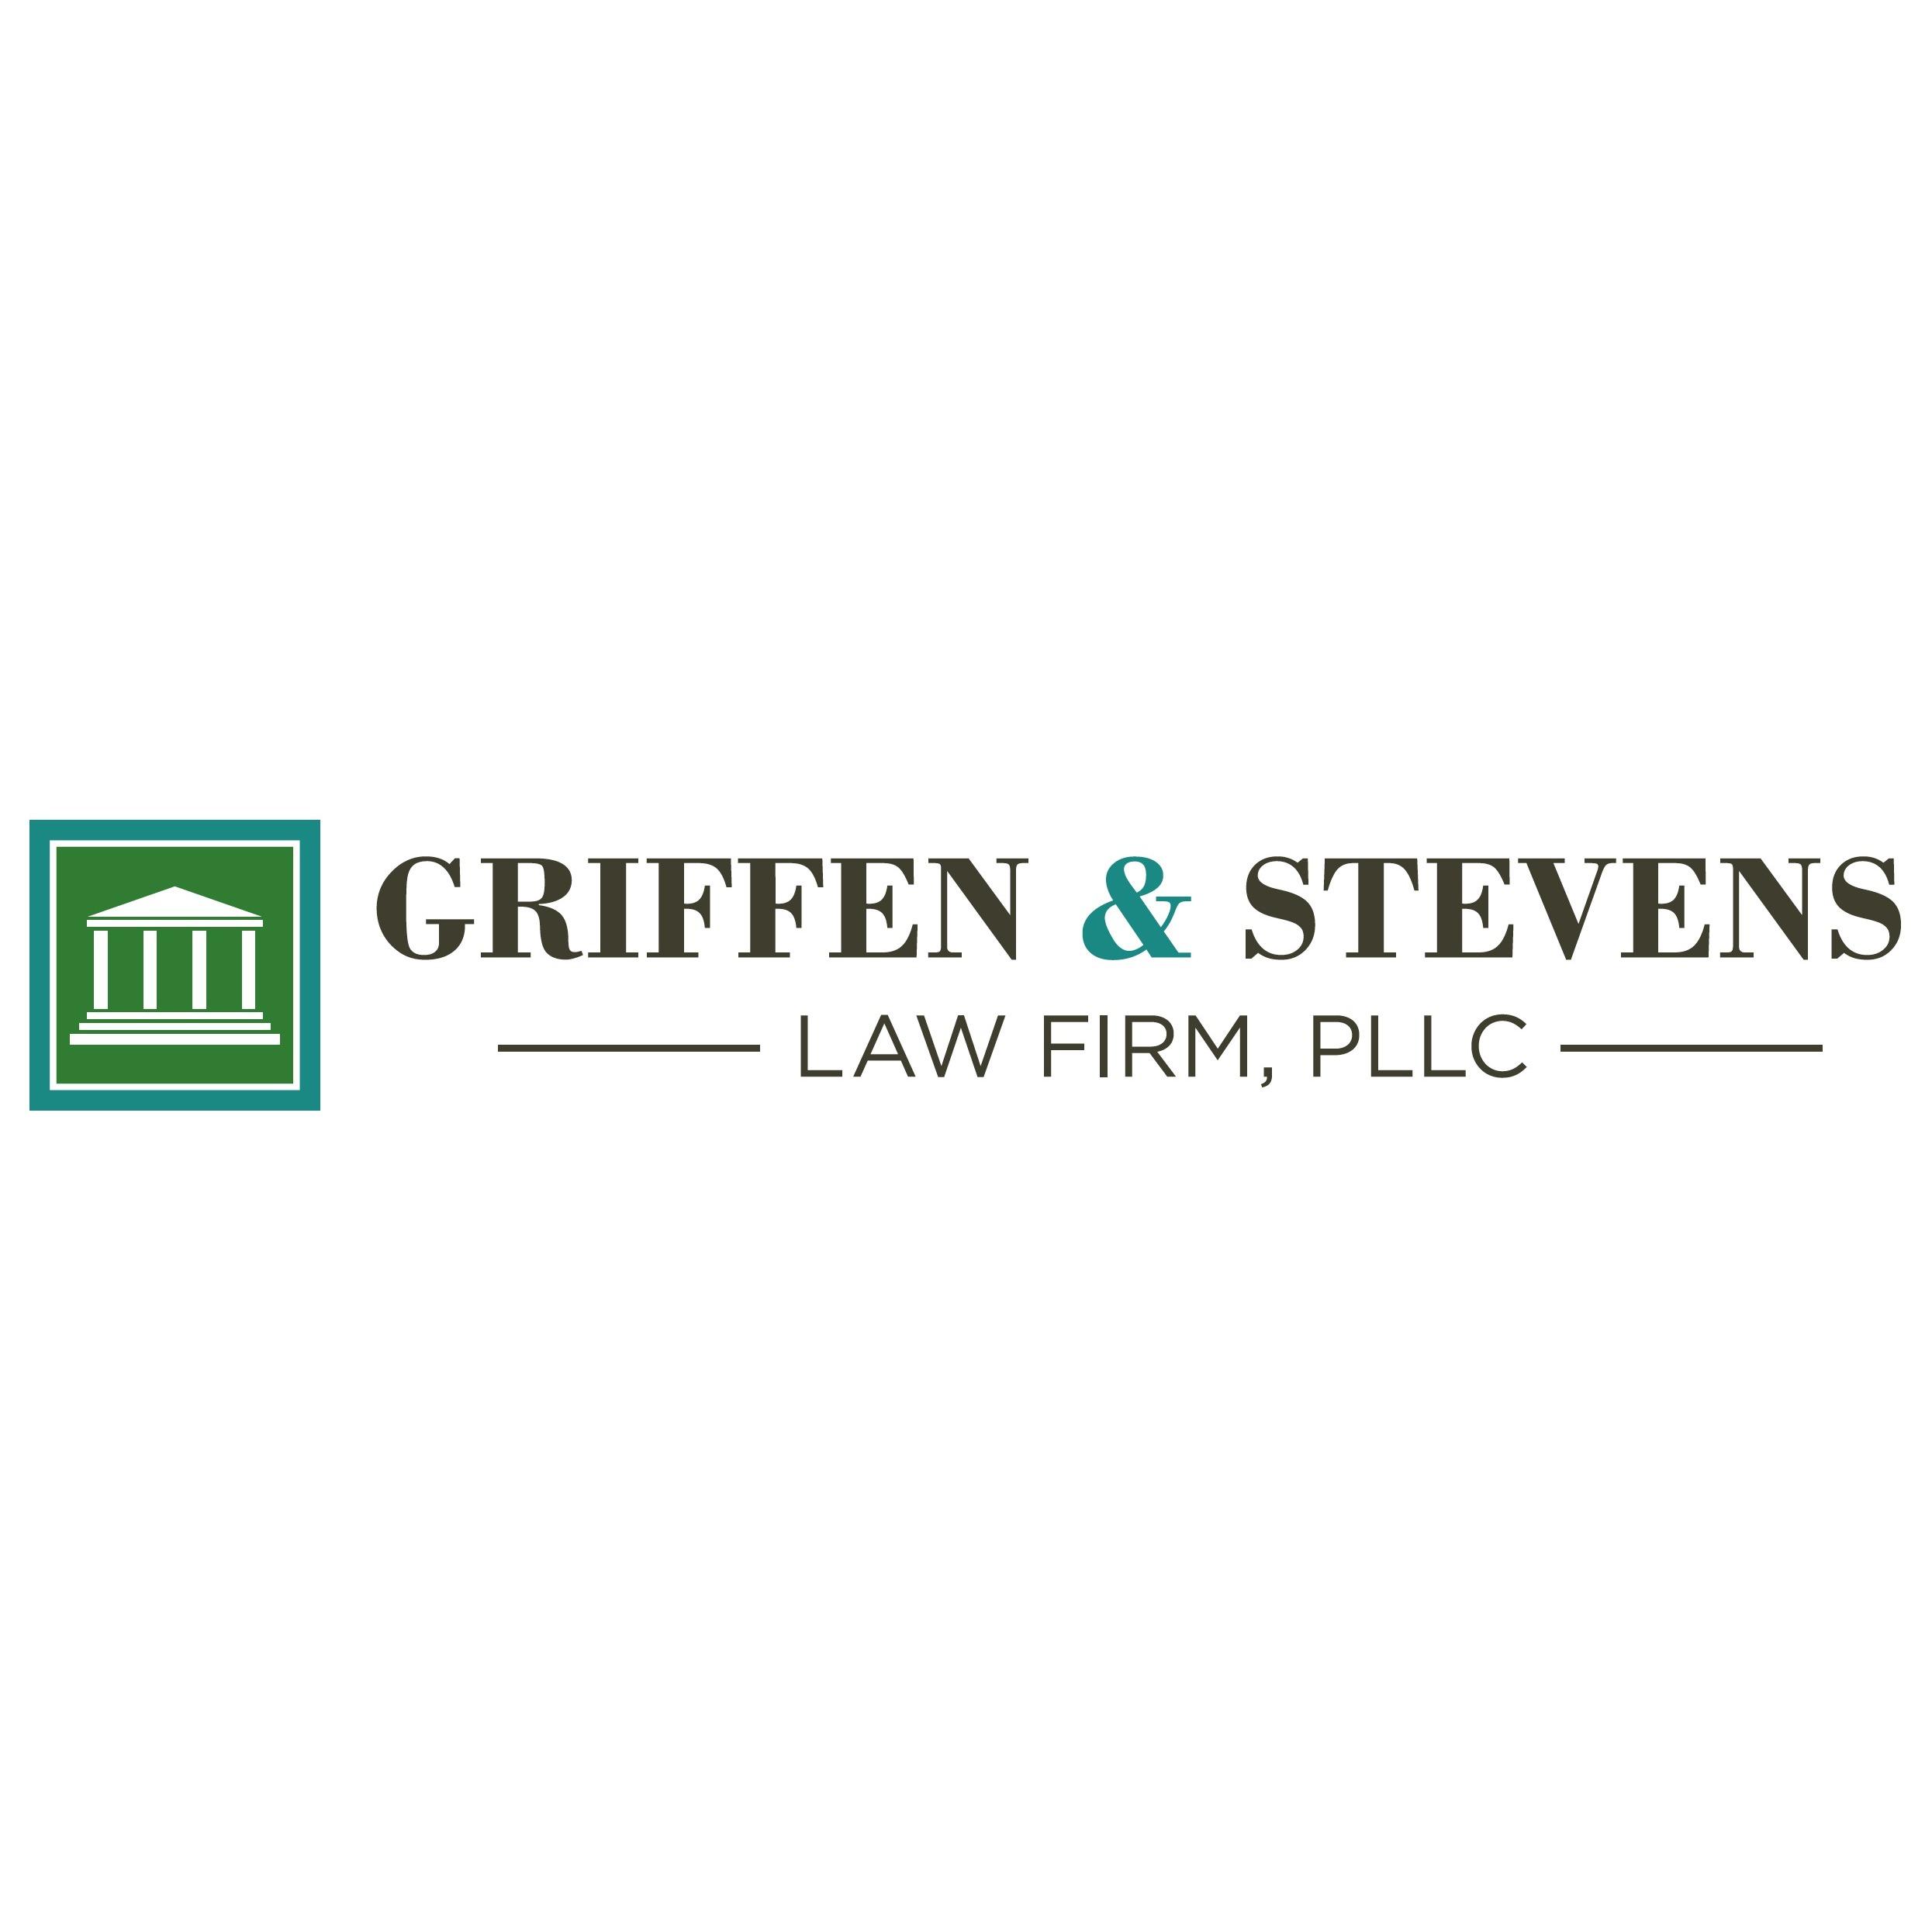 Griffen & Stevens Law Firm, PLLC